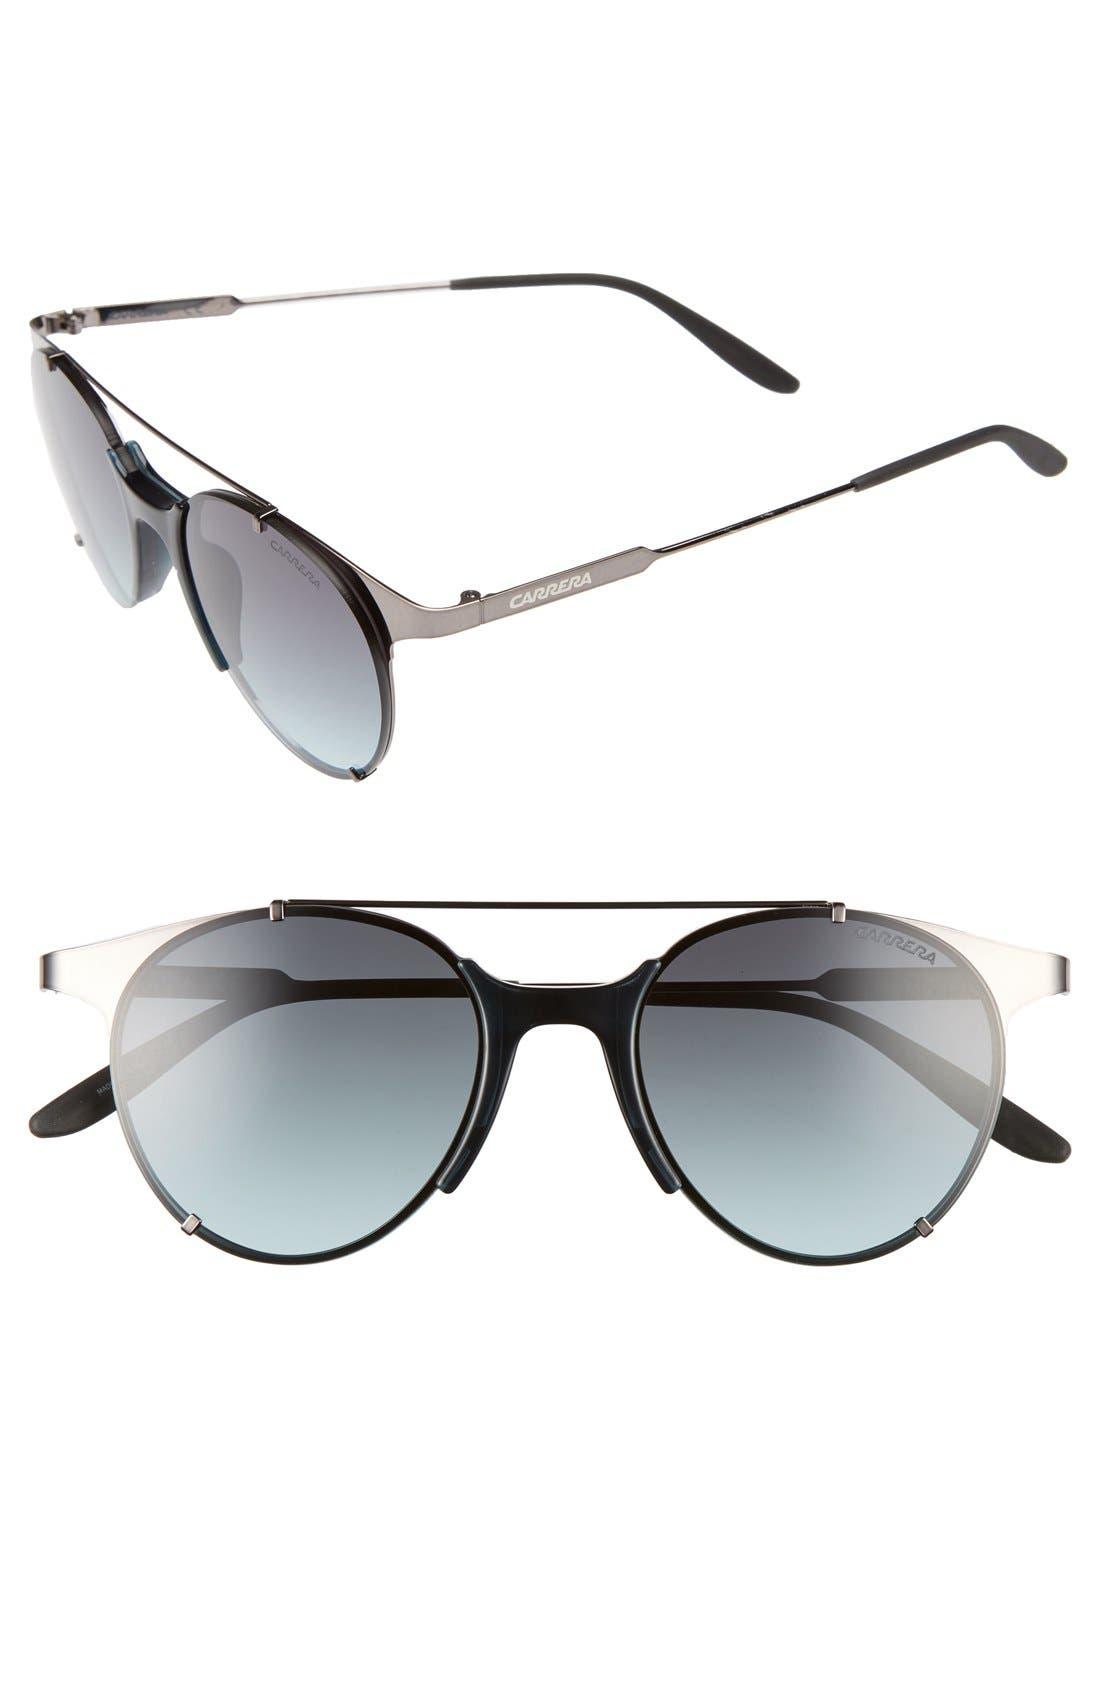 CA128/S 52mm Sunglasses,                         Main,                         color, Dark Ruthenium